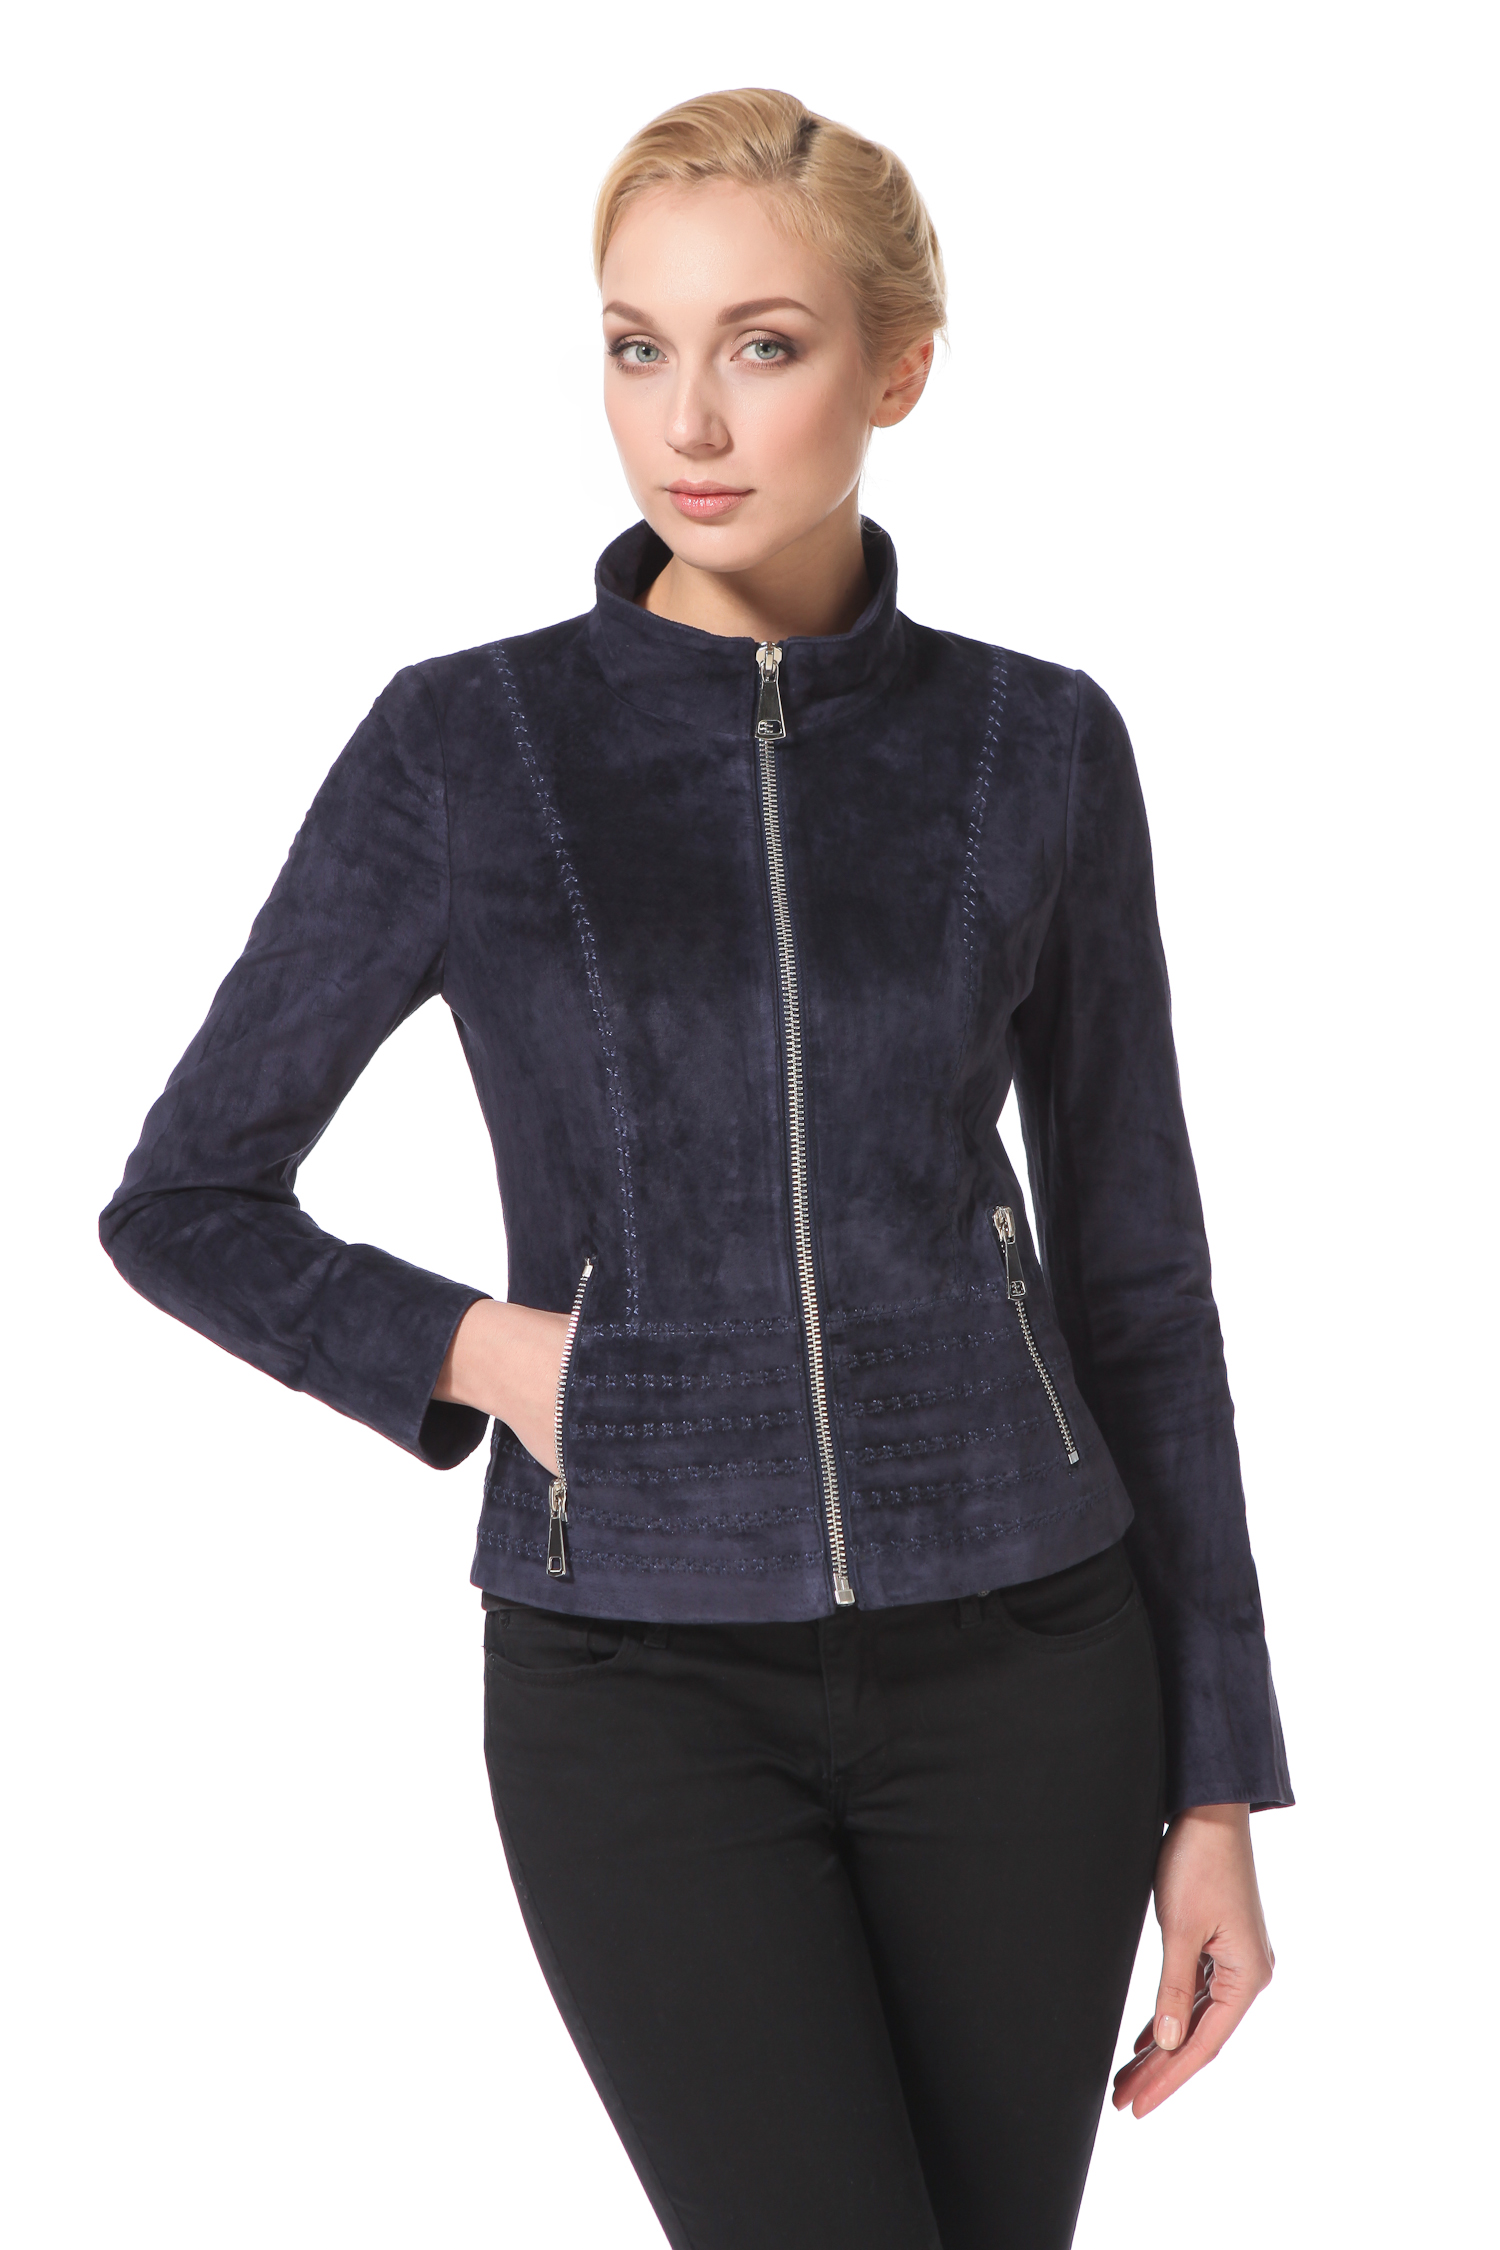 Женская кожаная куртка из натуральной замши с воротником, без отделки<br><br>Воротник: стойка<br>Длина см: Короткая (51-74 )<br>Материал: Замша<br>Цвет: синий<br>Застежка: на молнии<br>Пол: Женский<br>Размер RU: 46